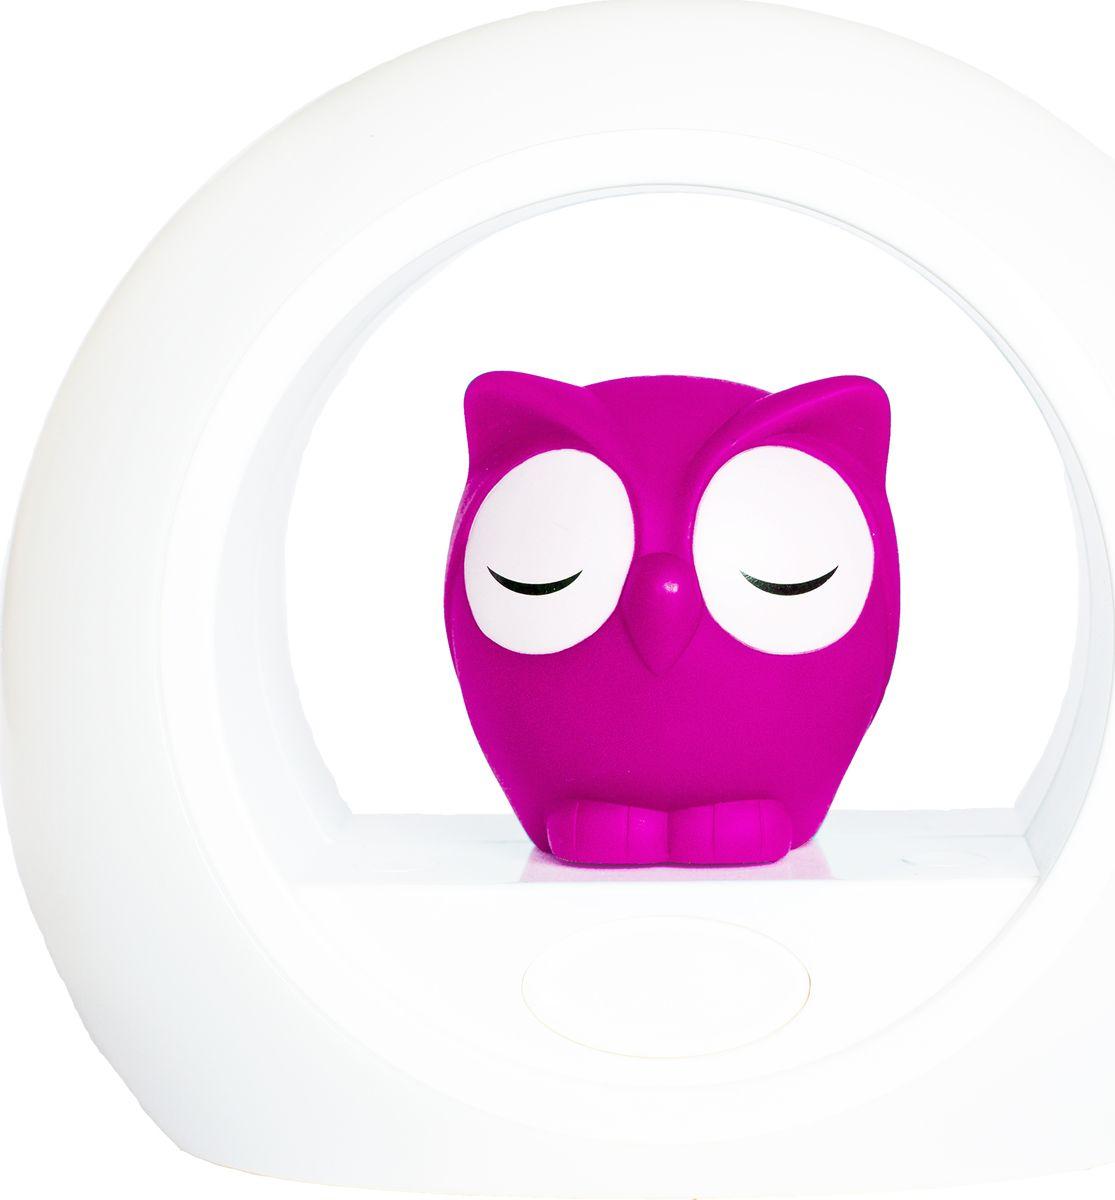 ZAZU Ночник детский Сова Лу цвет розовыйZA-LOU-03Светильник ZAZU Сова Лу включается от звука голоса, который помогает успокоить вашего малыша.Если ваш ребёнок проснулся ночью, то активируется датчик включения звука, и сенсор загорается мягким светом.Установите таймер, чтобы устройство автоматически выключилось после того, как ваш малыш заснёт.Сова и внешнее кольцо могут быть включены по отдельности. Чтобы свет был более ярким, используйте их вместе, для более мягкого свечения включите что-то одно.Вы можете настроить яркость света как самой совы, так и внешнего кольца. Выбирайте яркий, мягкий или рассеянный свет.